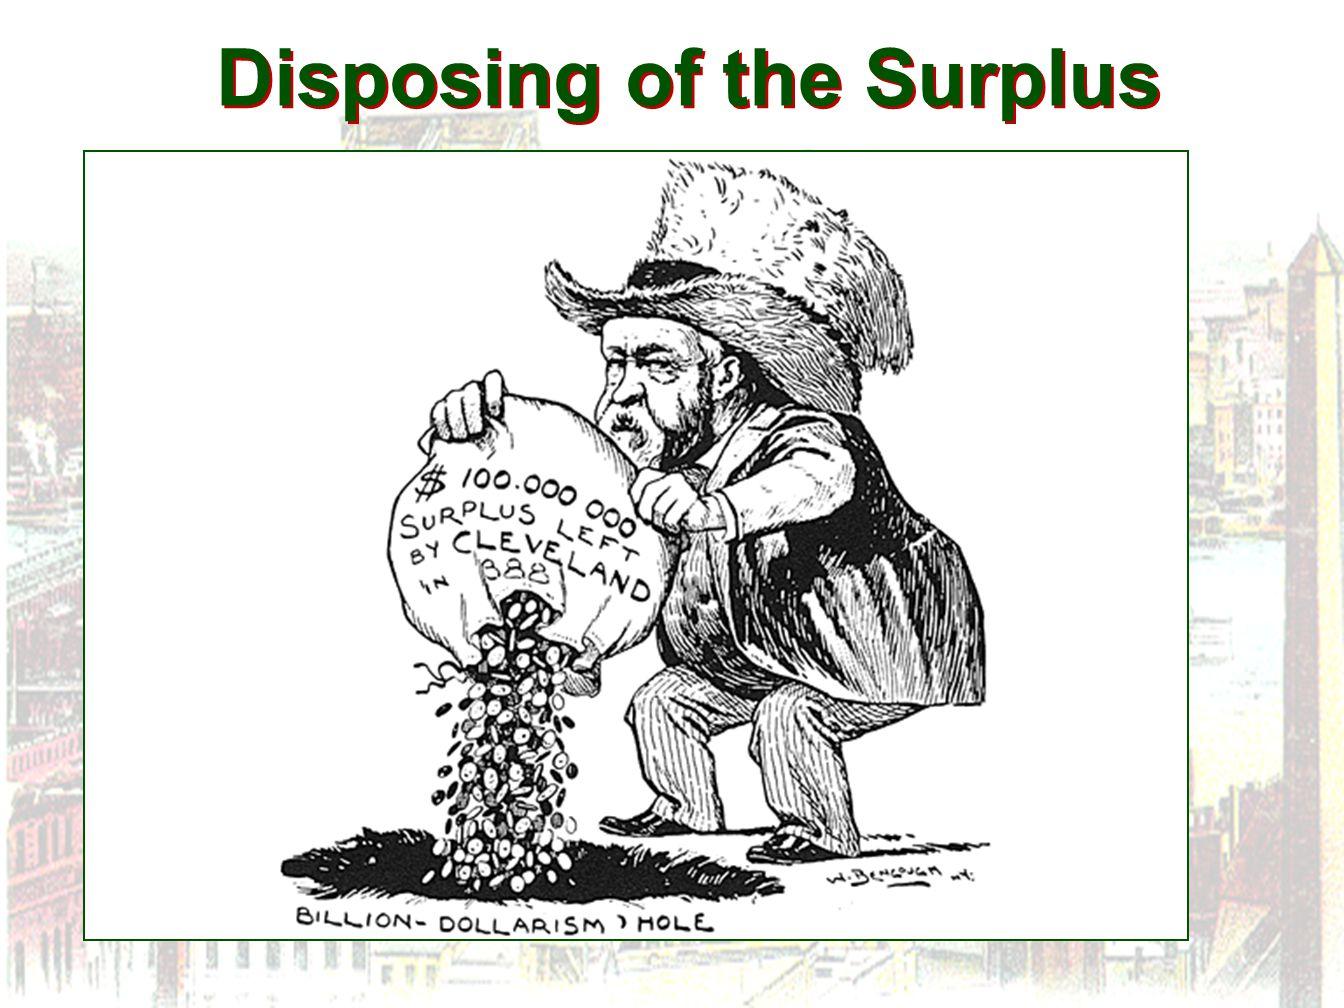 Disposing of the Surplus